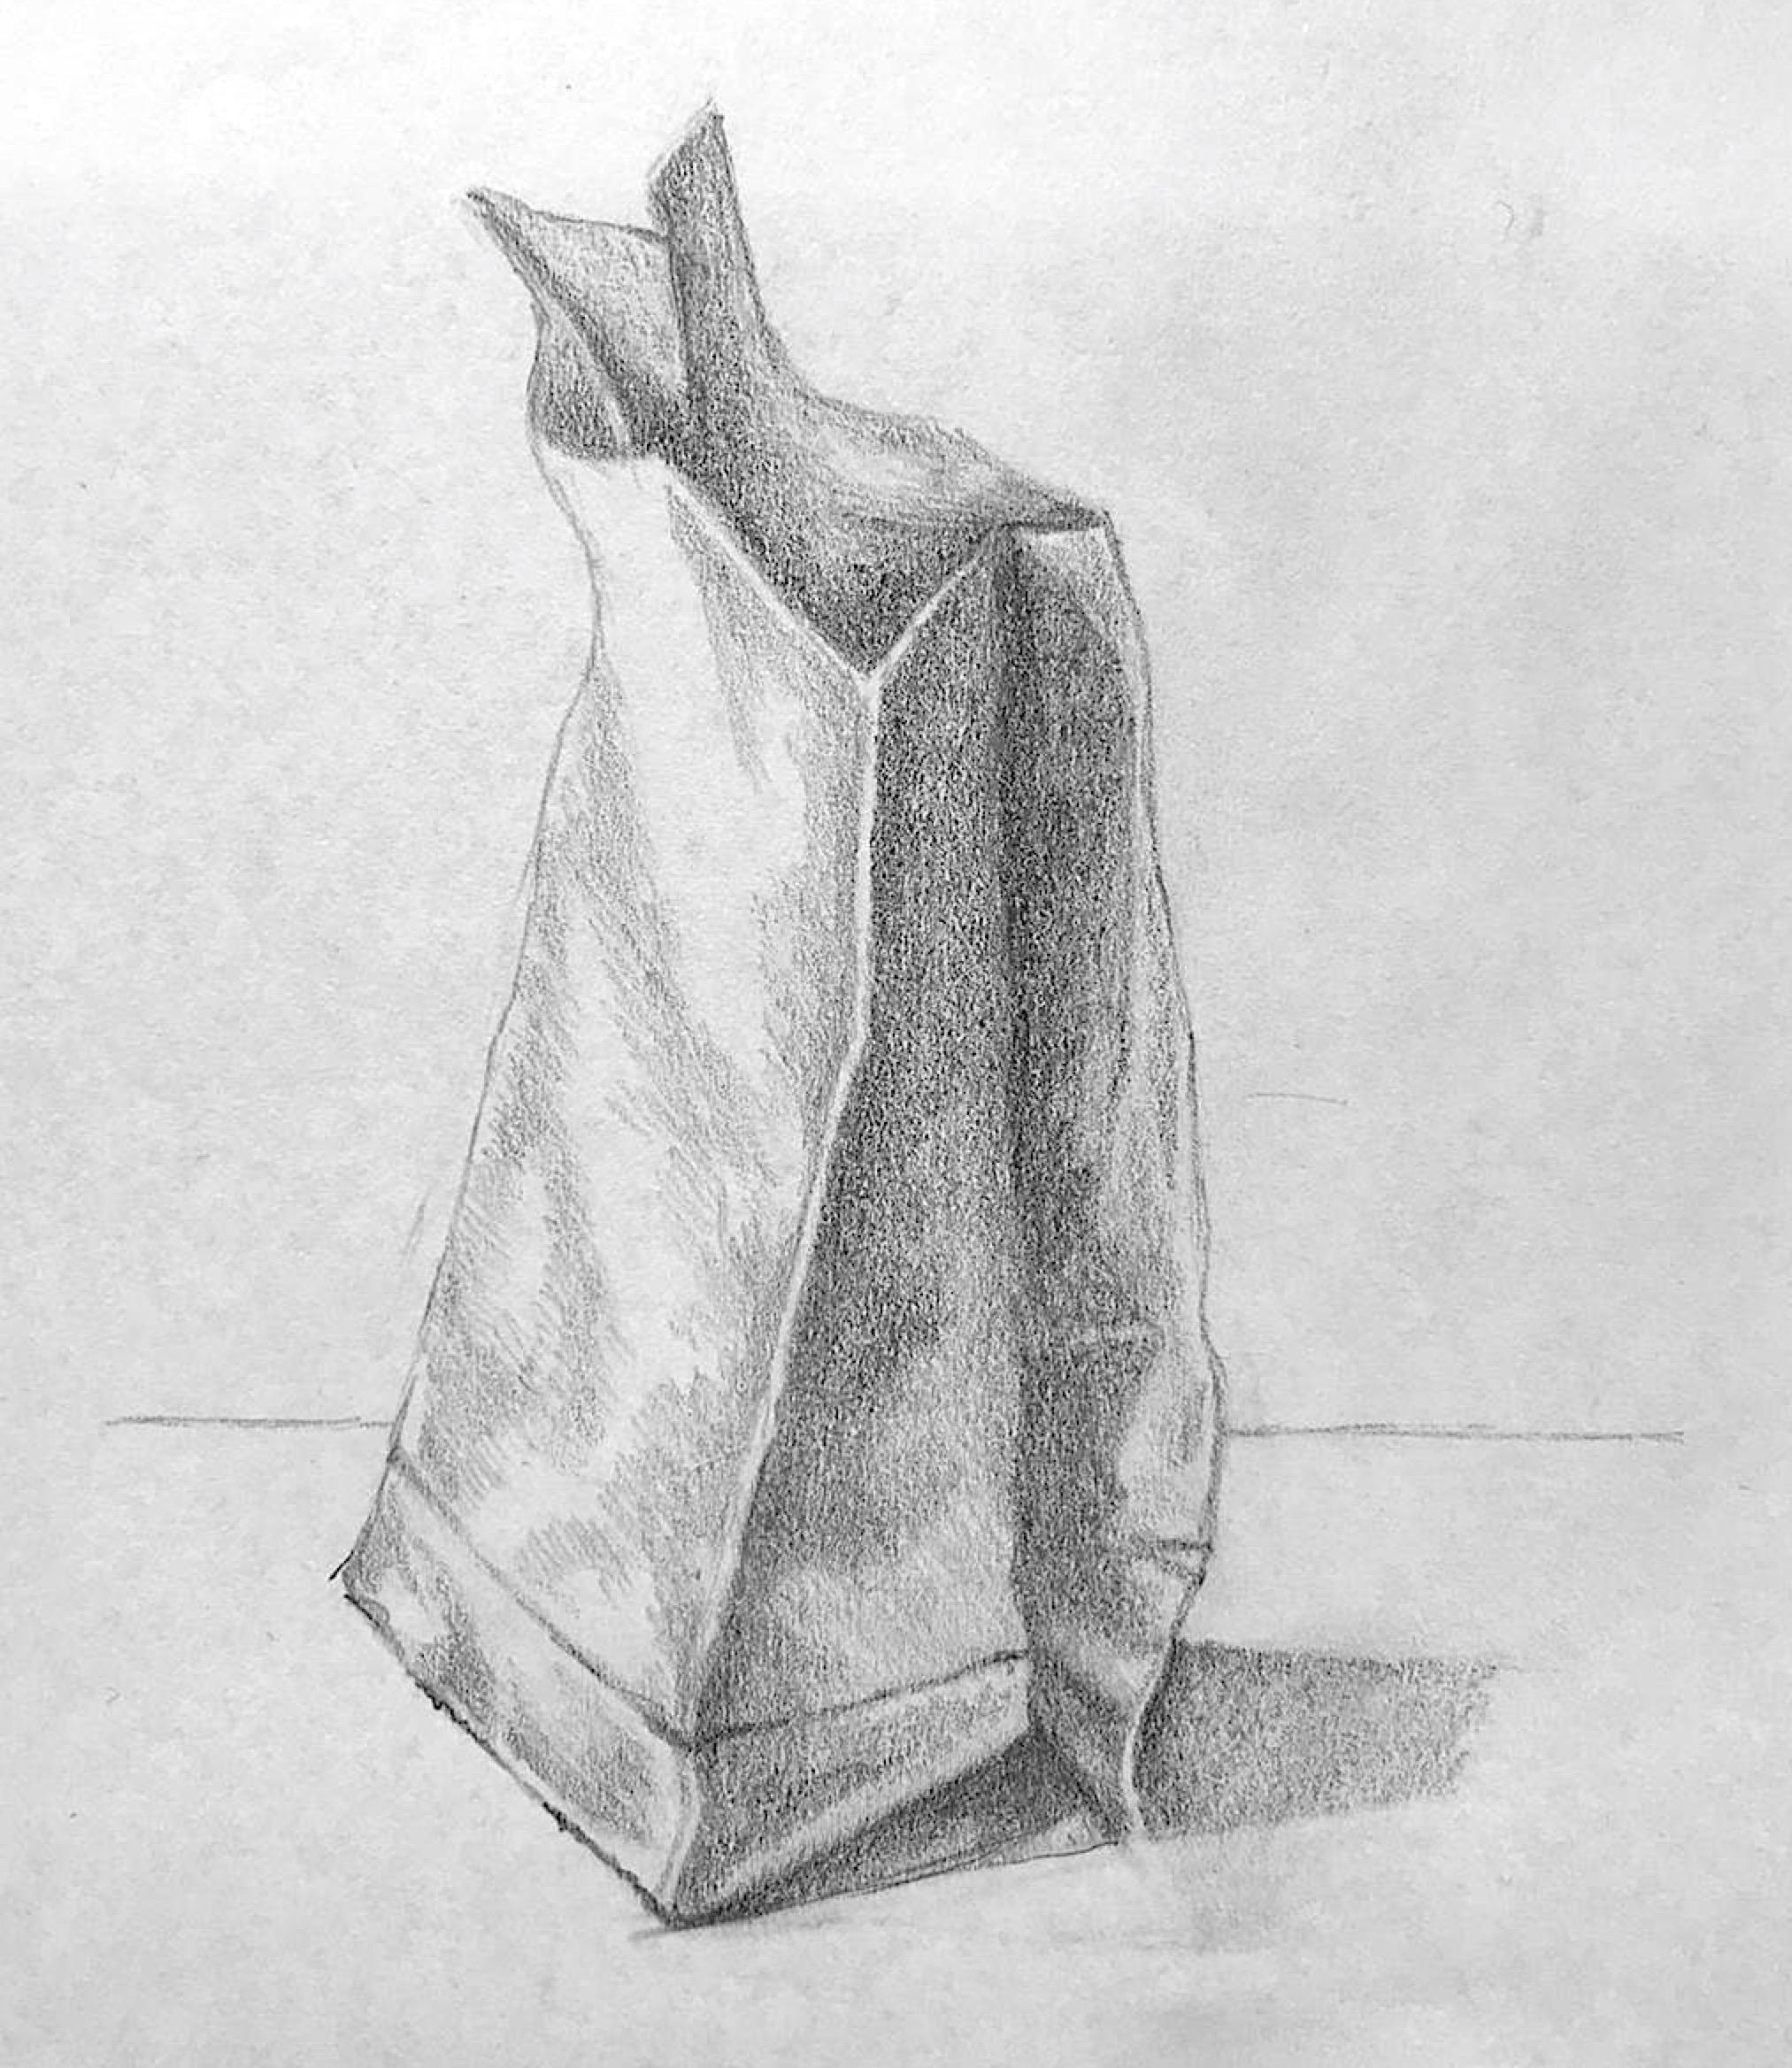 LIna 13 J. Bleistift Zeichnung